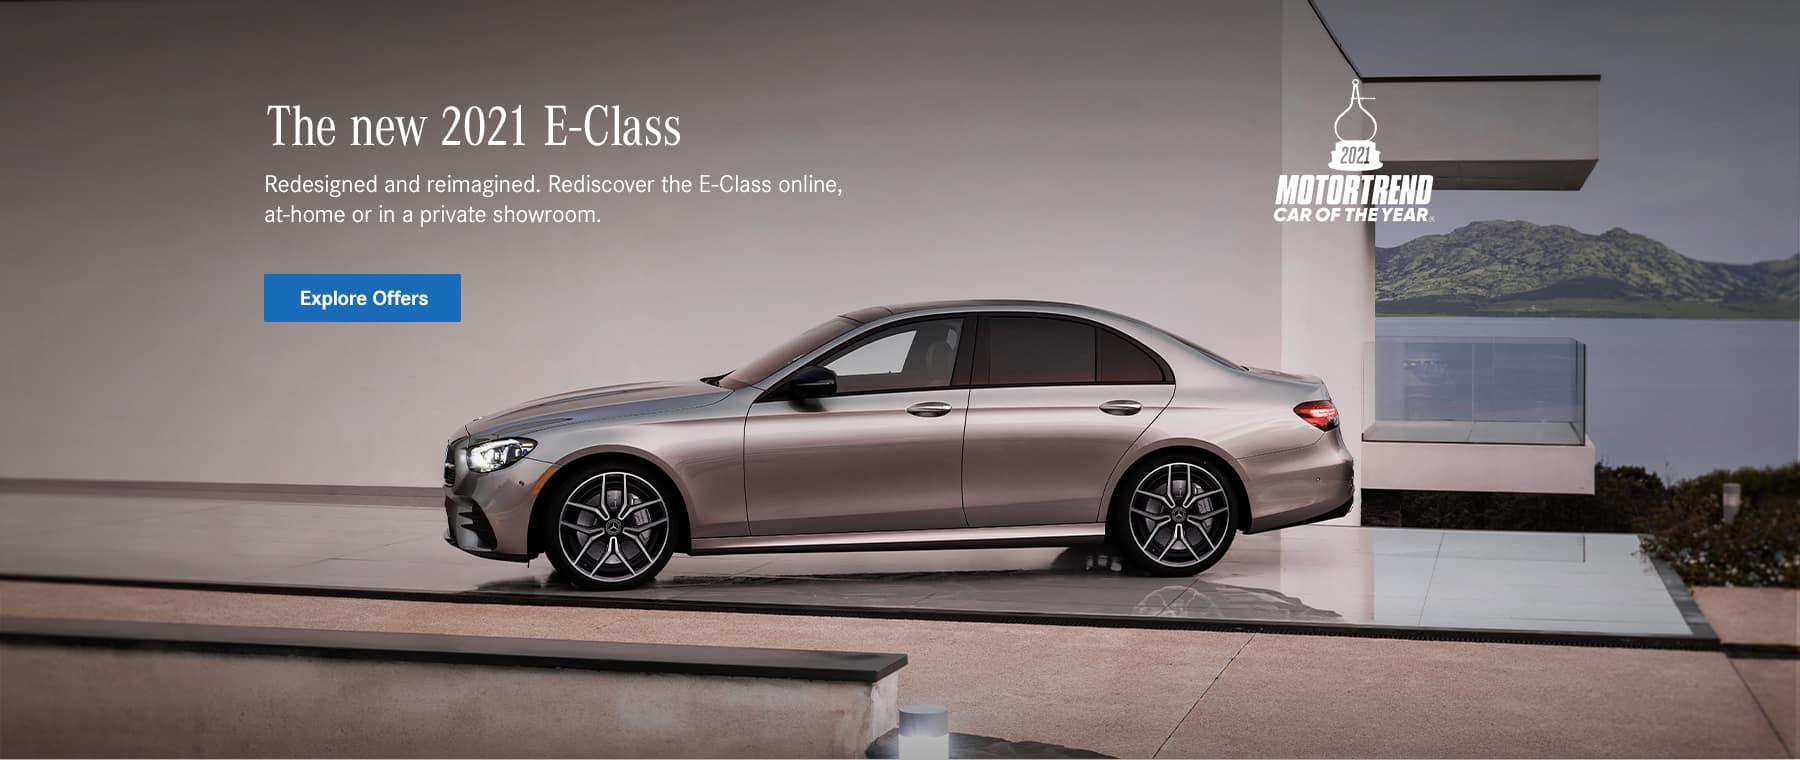 E-Class COTY